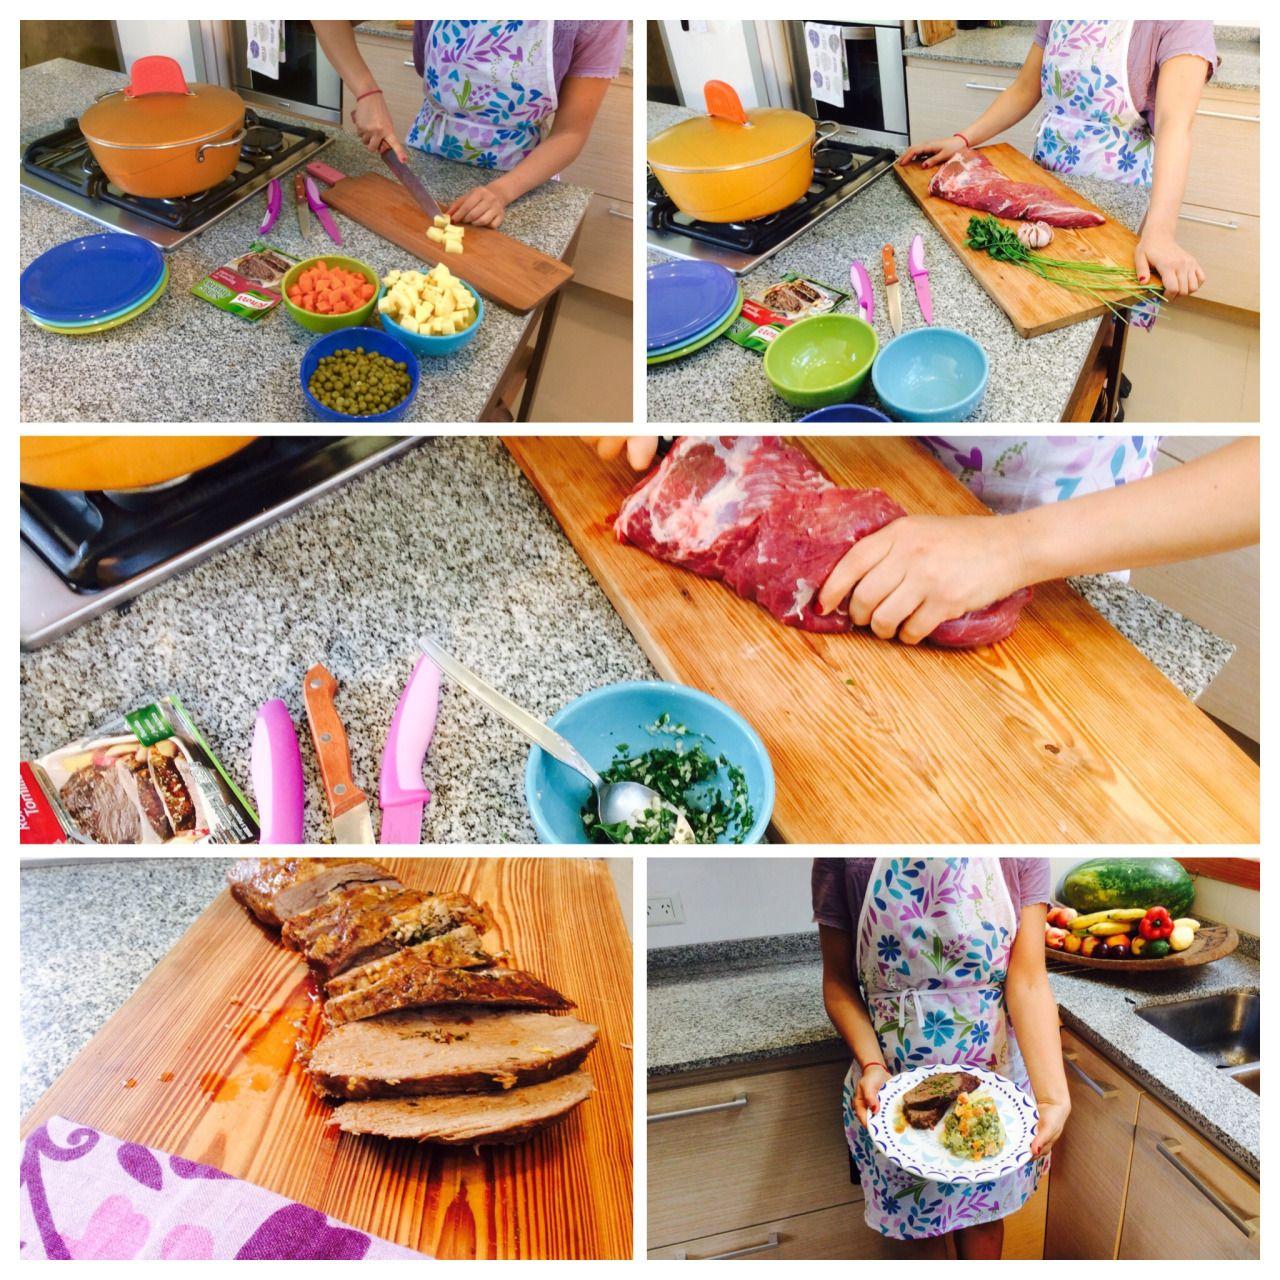 https://vimeo.com/140693540  Mundo Gourmet